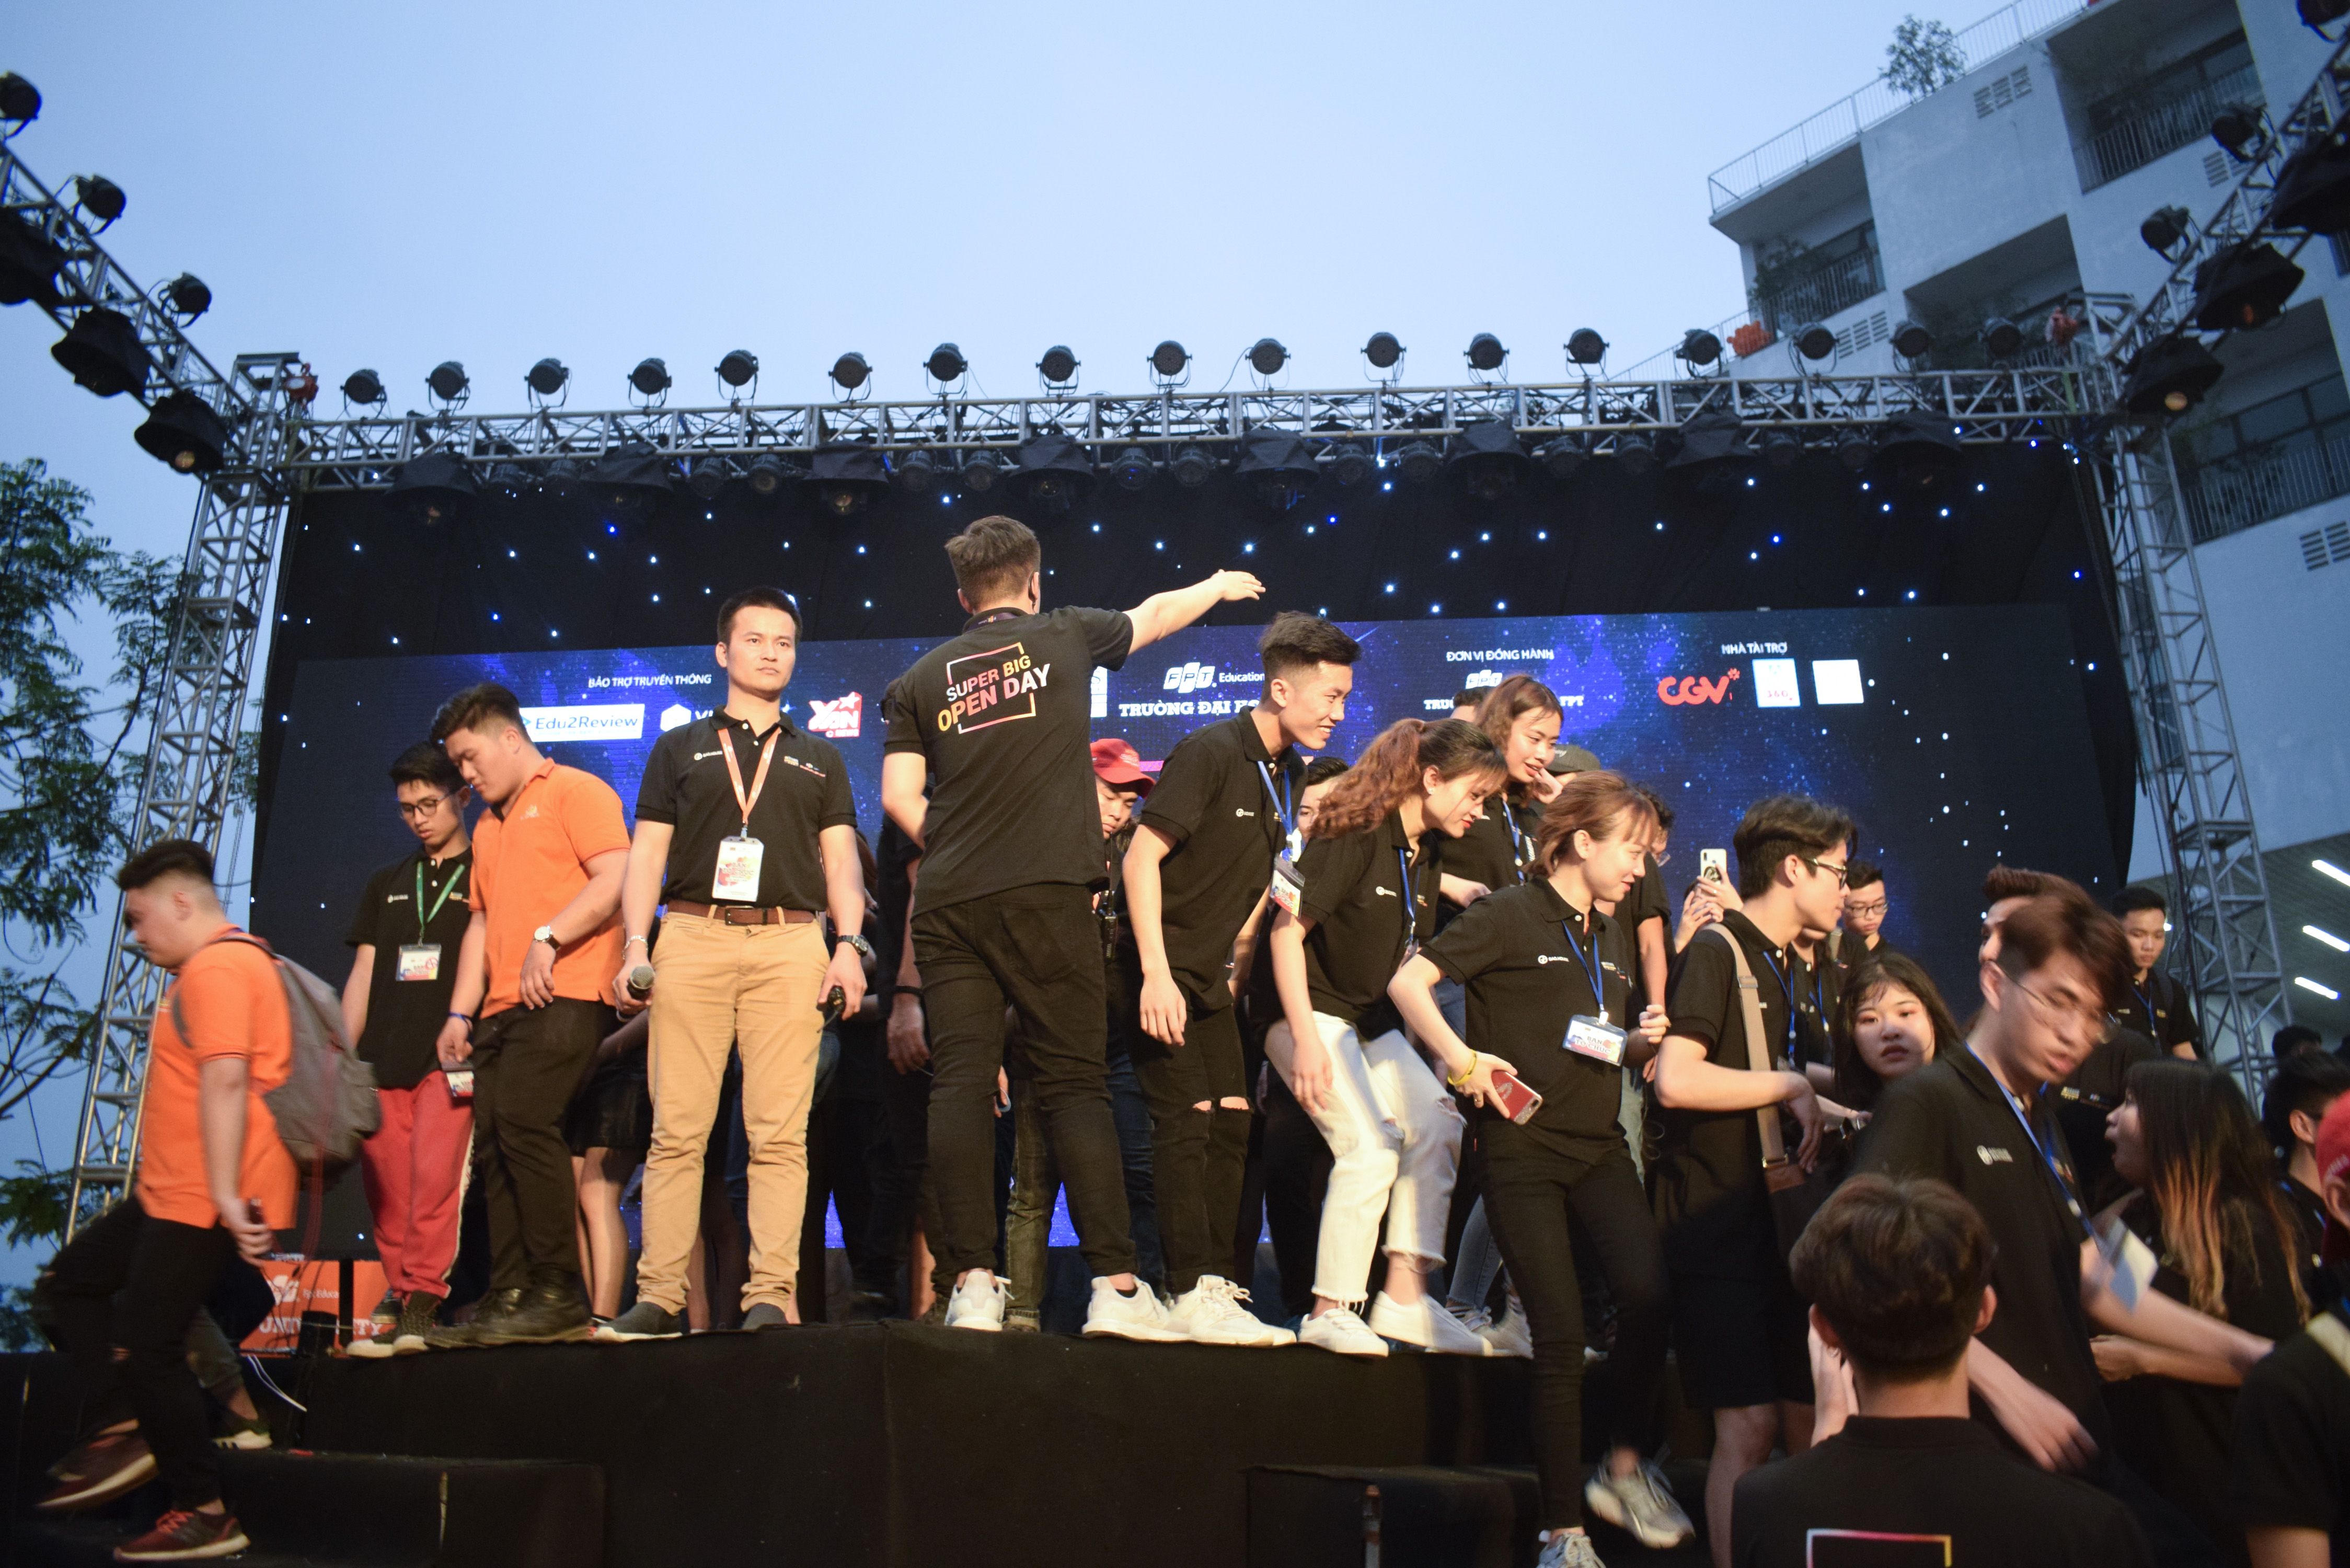 Thành viên BTC được họp mặt để truyền đạt và nhắc lại các phương án xử lý xấu nhất xảy ra khi các khách mời VIP xuất hiện.